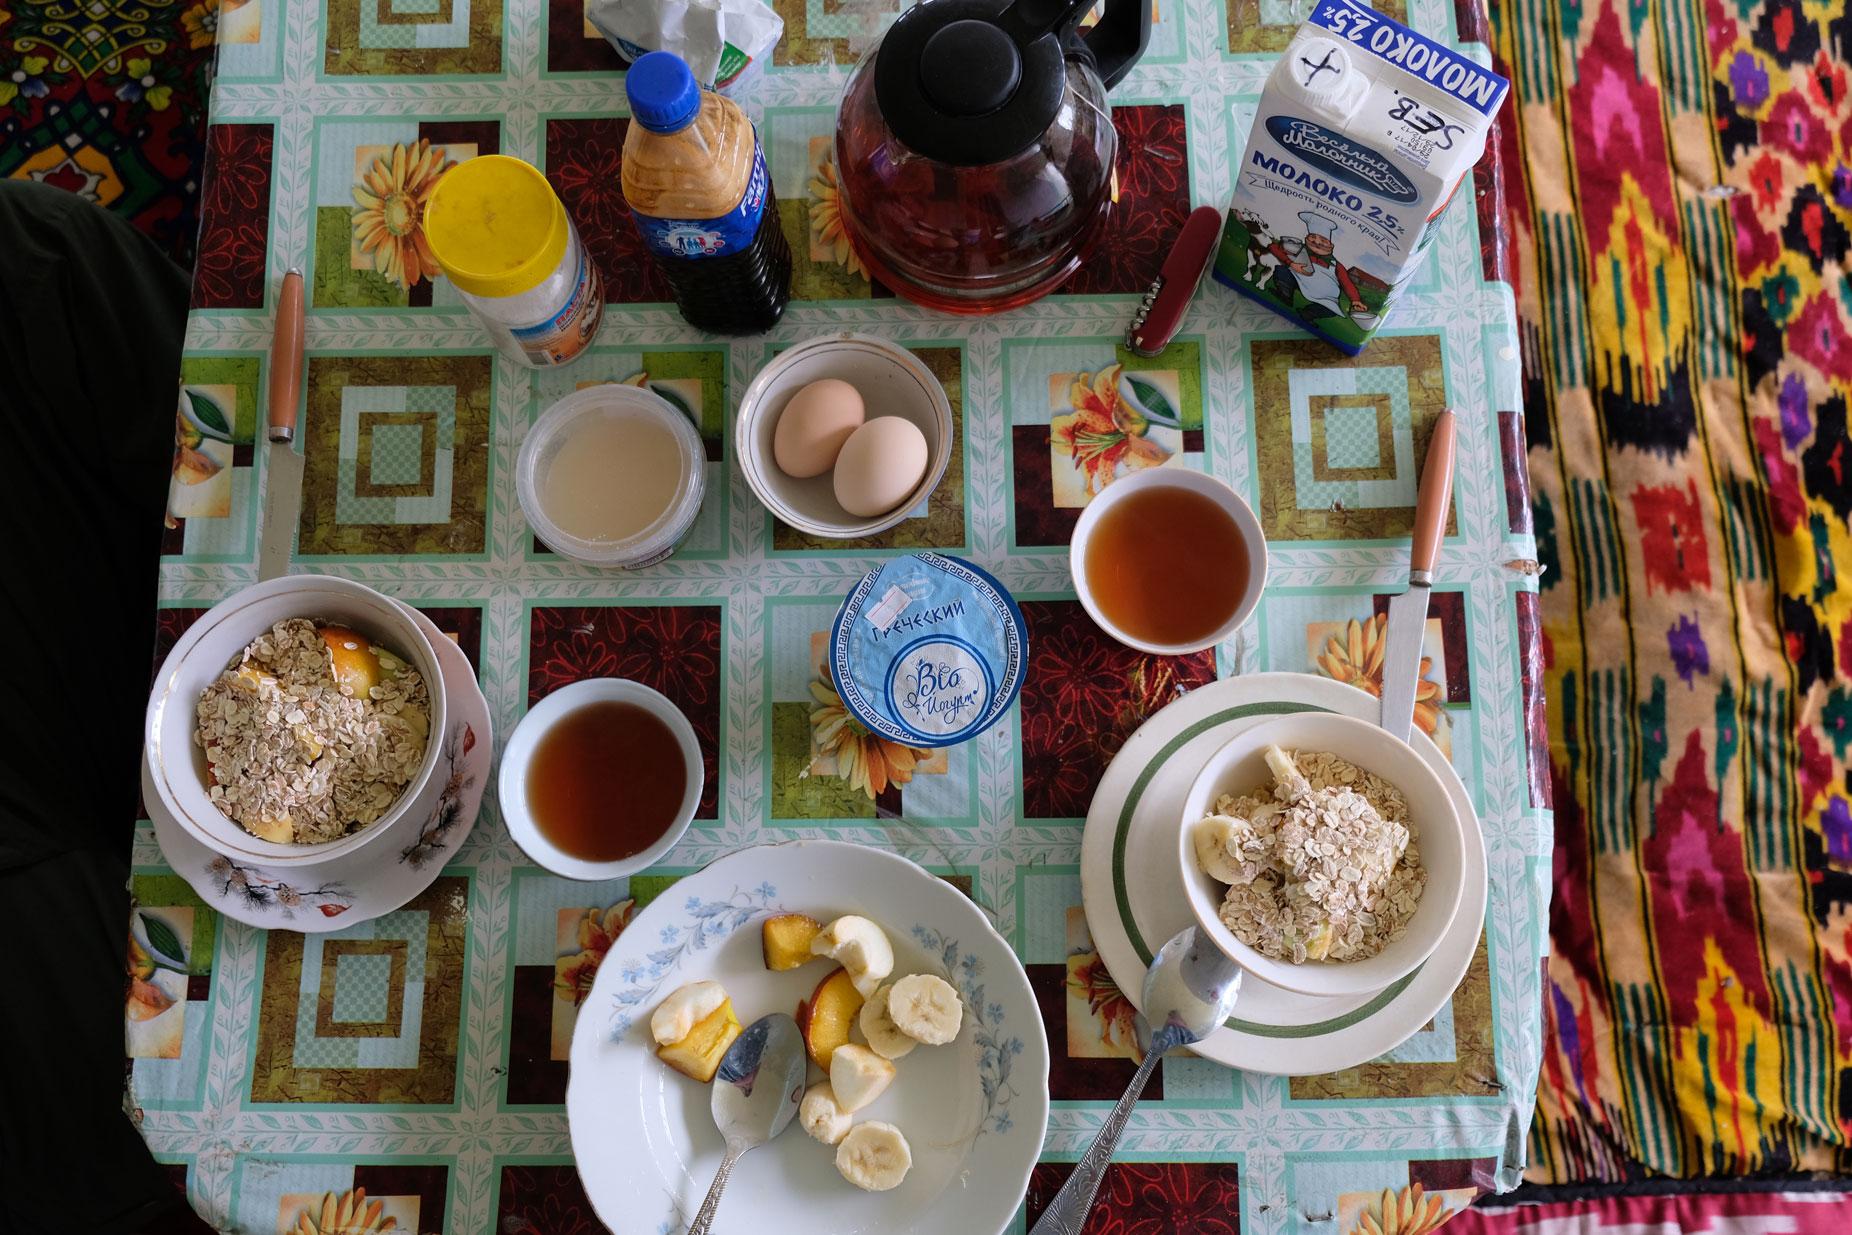 Frühstückstisch mit Eiern, Müsli, Obst und Tee.